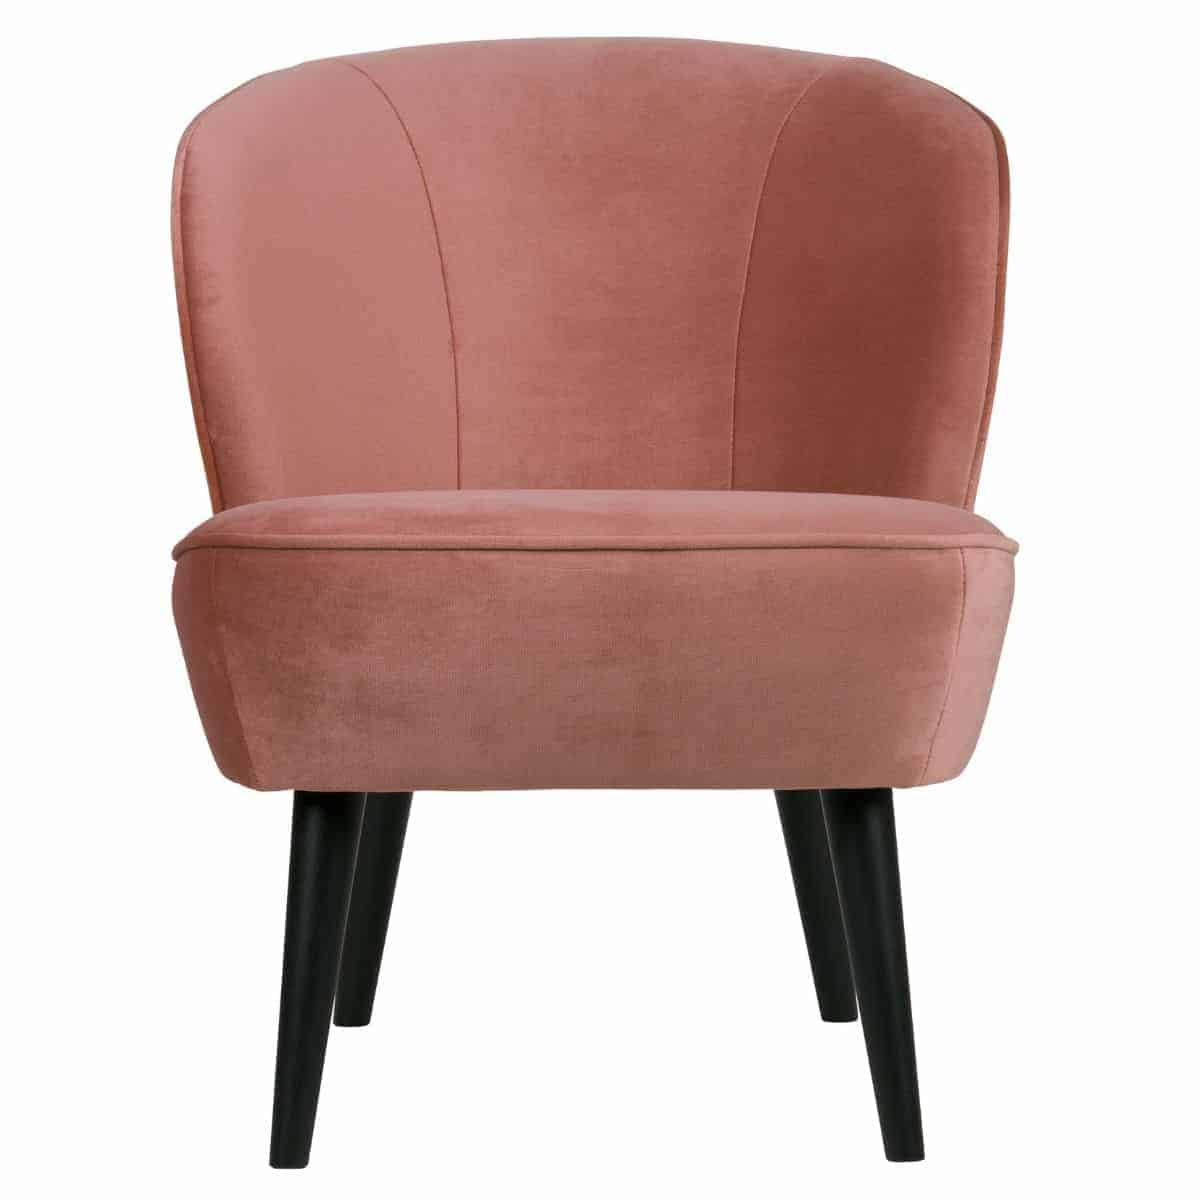 Nieuw Retro fauteuil   WOOOD Sara fauteuil fluweel oud roze YE-88